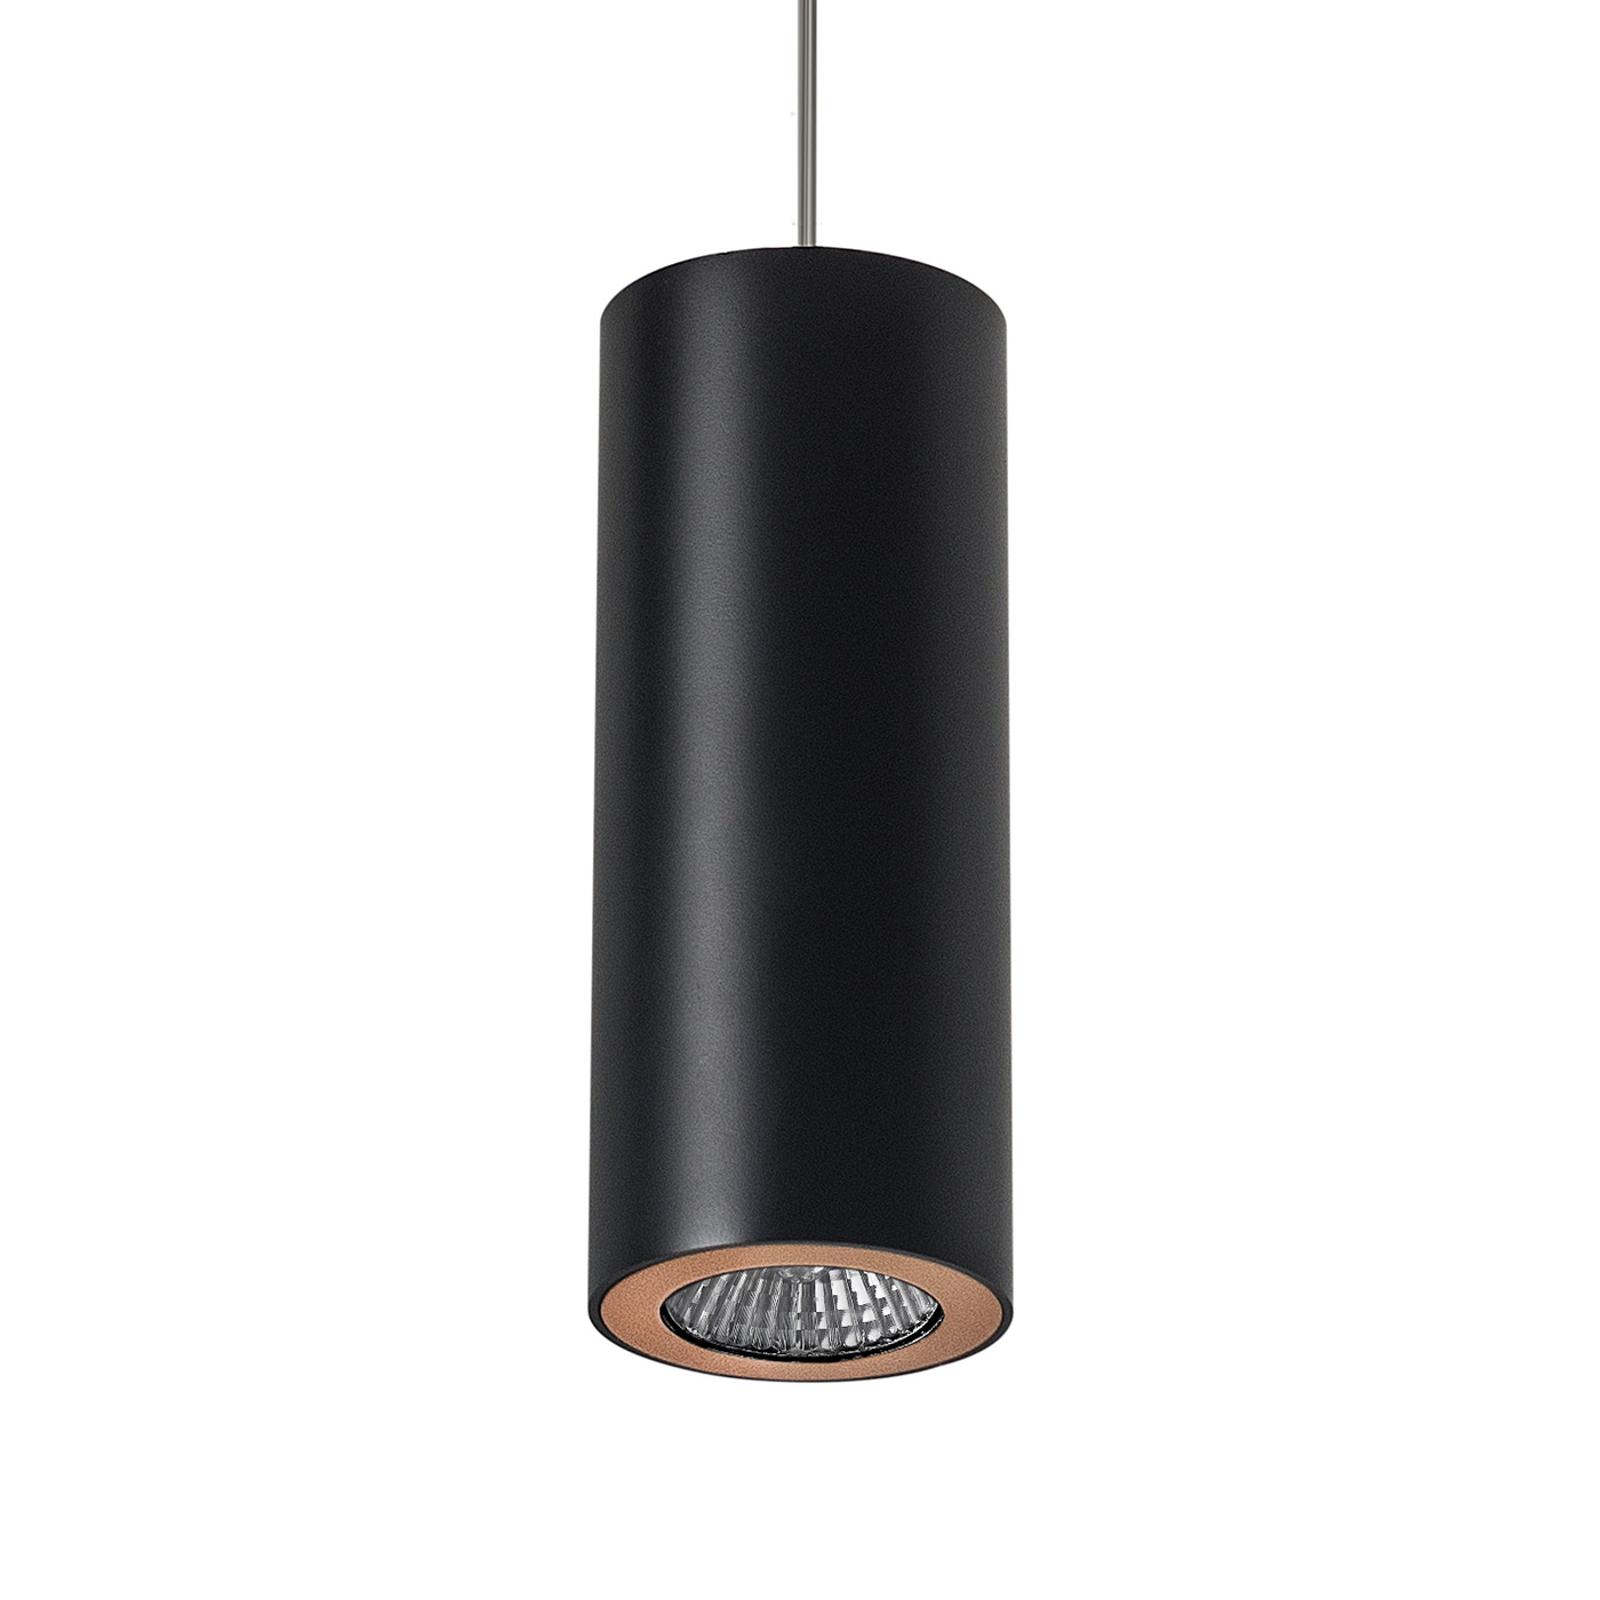 LEDS-C4 Pipe hanglamp, zwart-goud